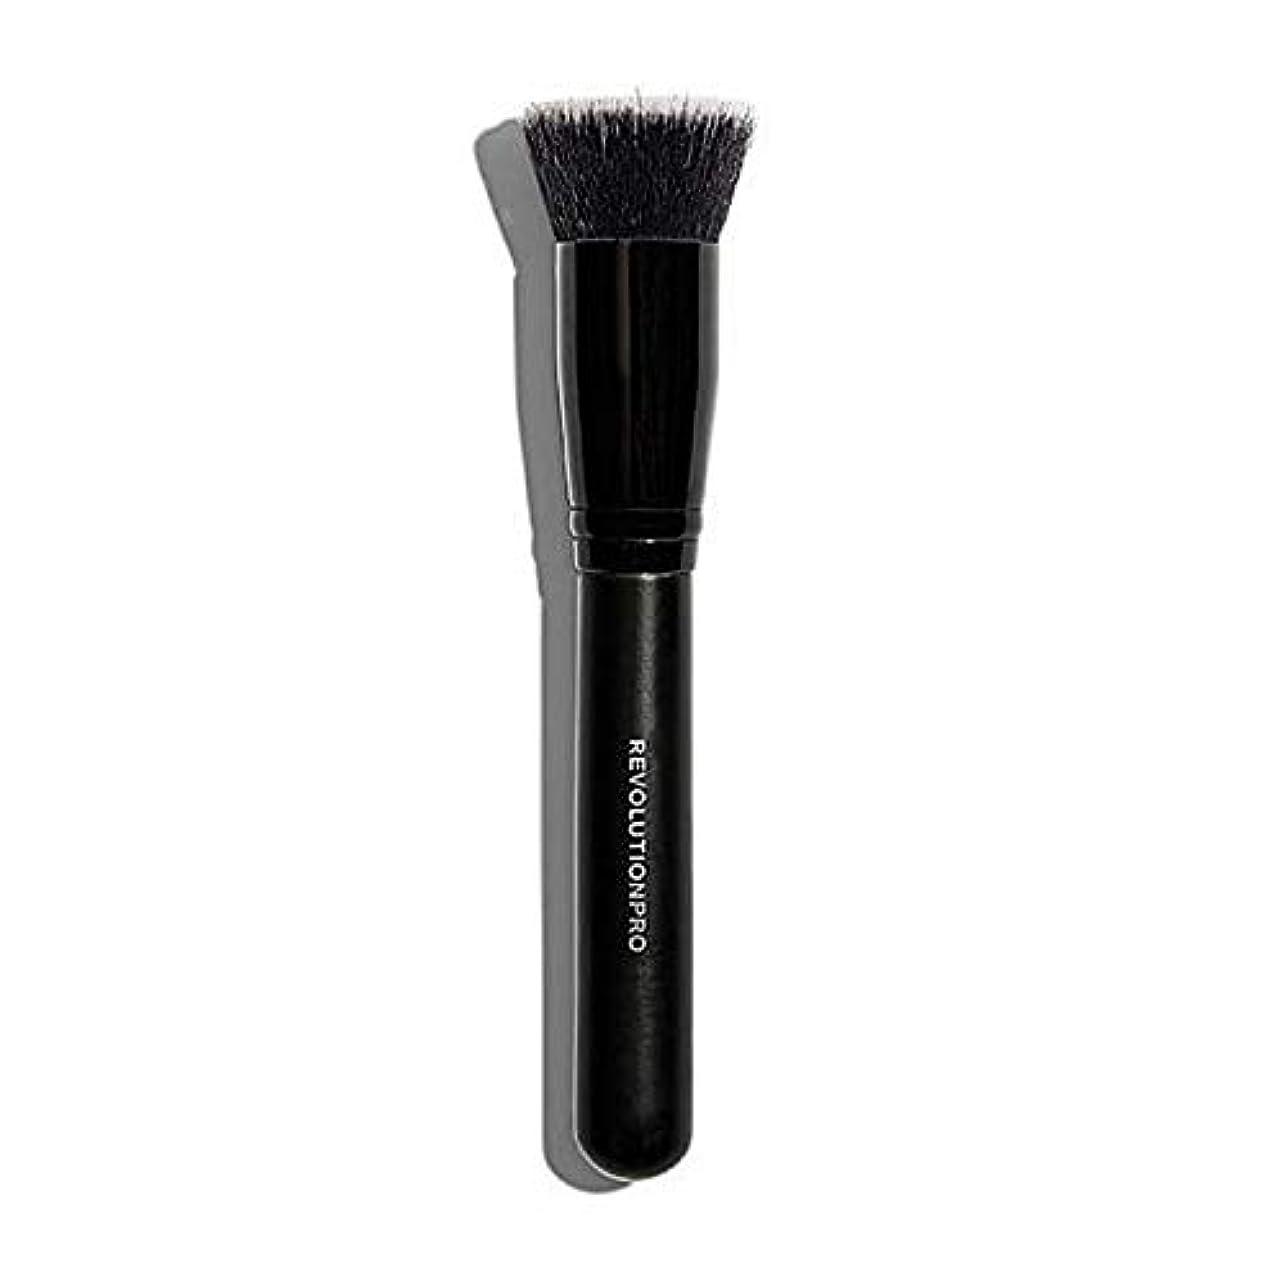 アブセイ指定する有望[Revolution ] 革命プロの液滴の基礎化粧ブラシ - Revolution Pro Liquid Drop Foundation Makeup Brush [並行輸入品]